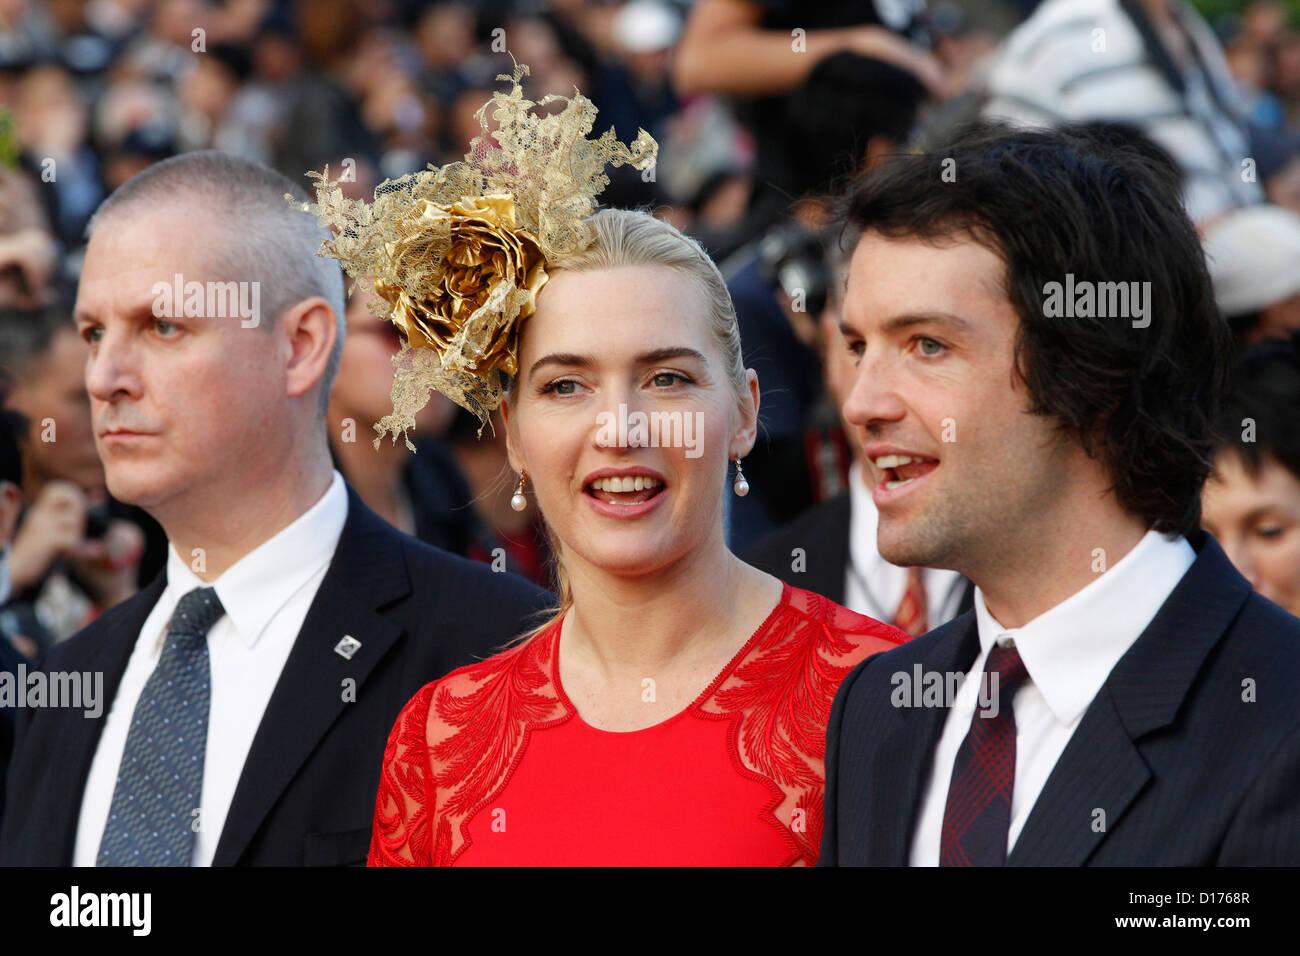 09.12.2012 - Hongkong; Kate Winslet (britische Schauspielerin) und Freund Ned Rocknroll während der Longines Stockbild